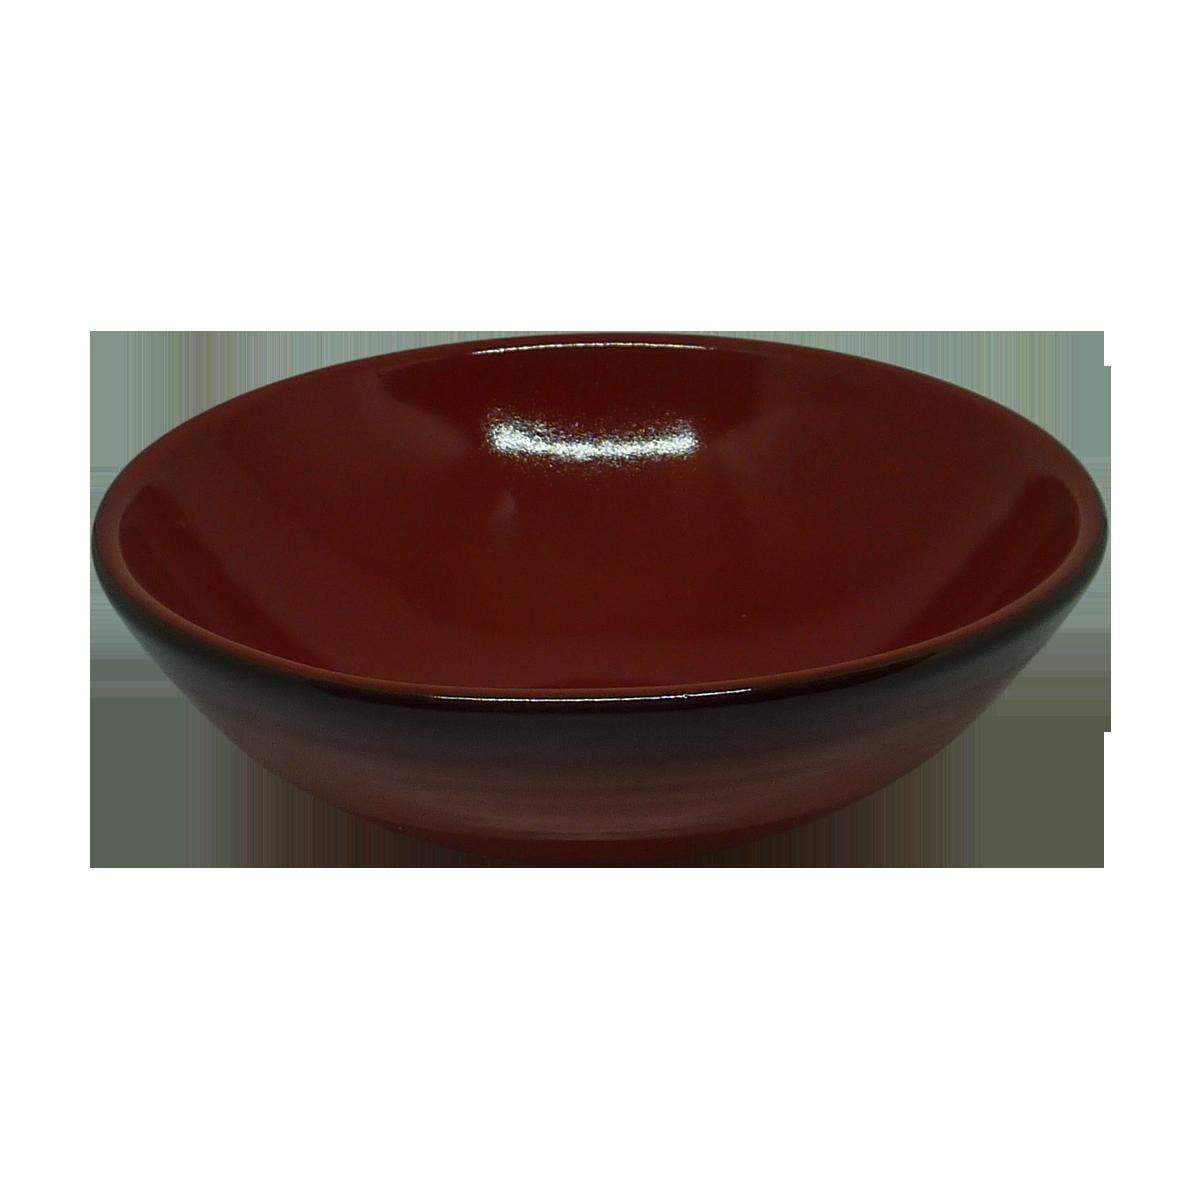 Esprit Cuistot - Bol de cuisson en céramique 16 cm